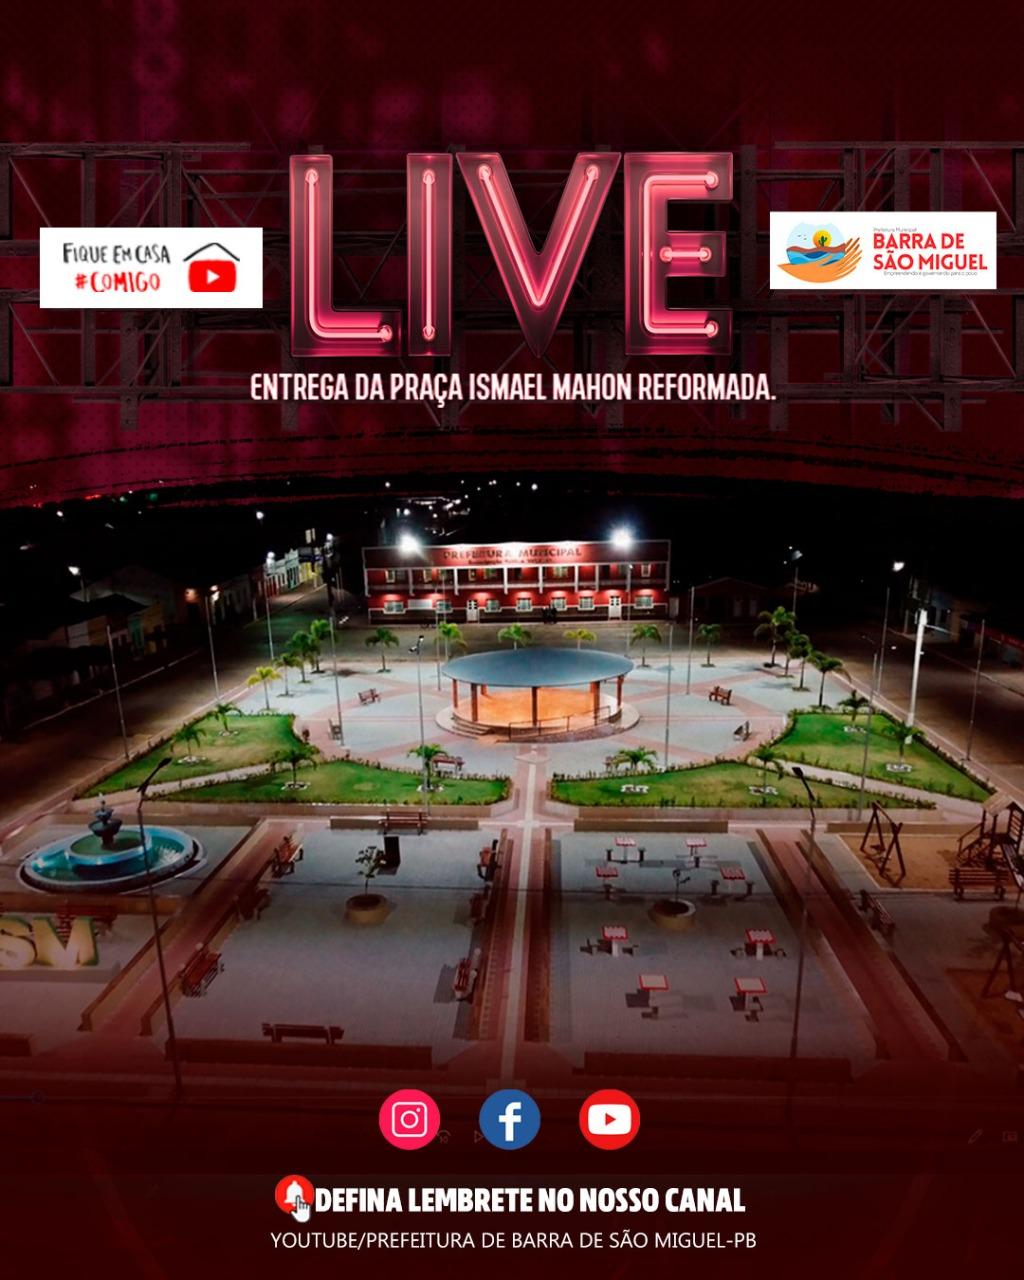 LIVE: Prefeitura de Barra de São Miguel entrega Praça Ismael Mahon reformada